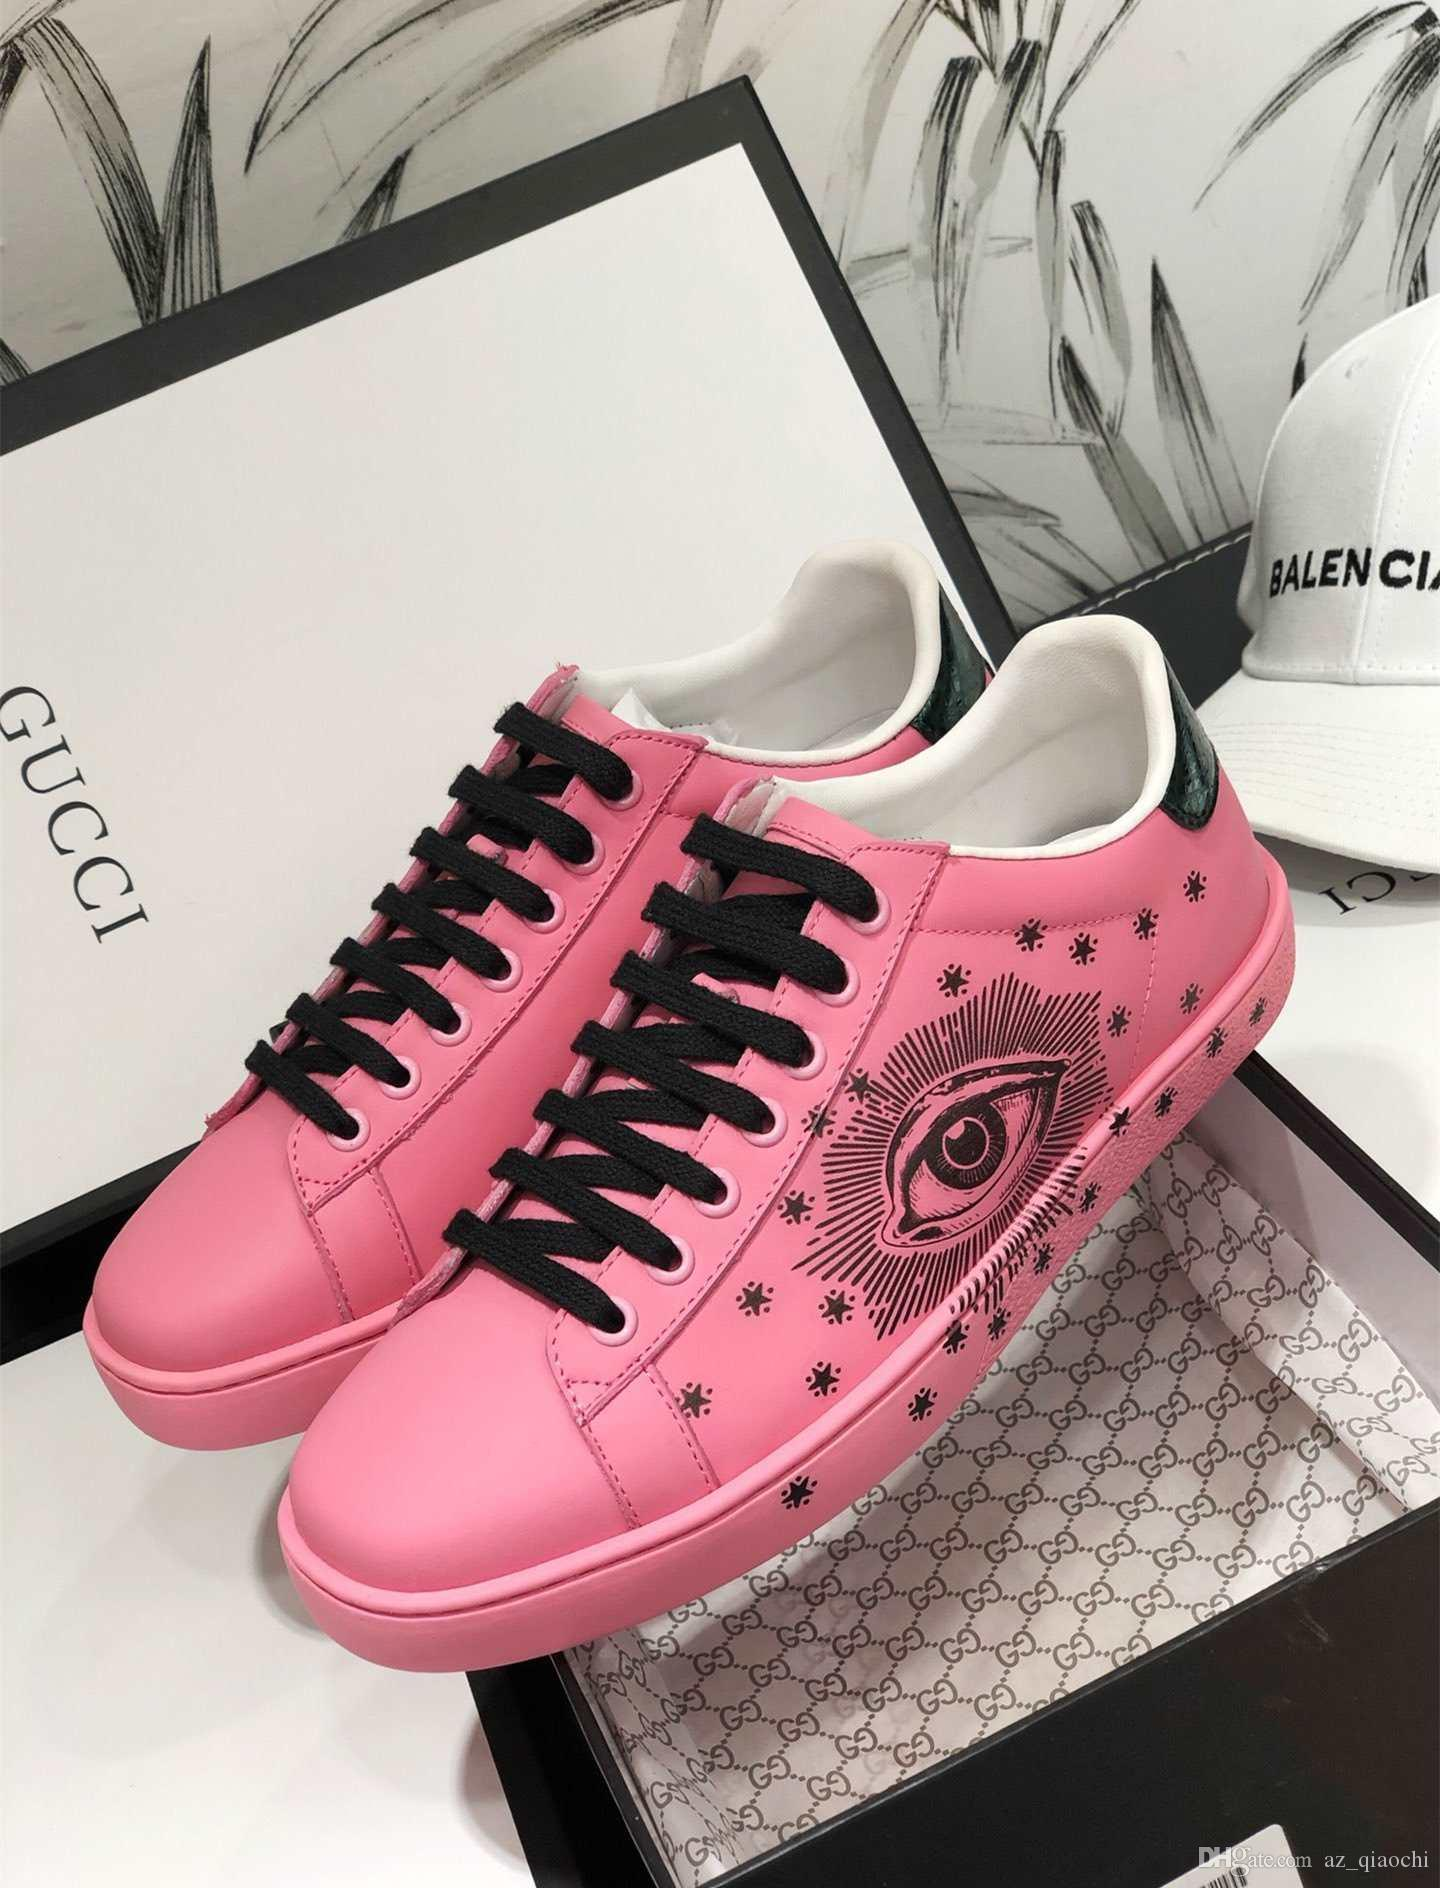 2020 neue heiße Verkauf Sneaker Rosa für Paare Luxus Art und Weise bequeme flache beiläufige Schuhe aus echtem Leder hohe Qualität Unisex schnüren sich oben size35-45